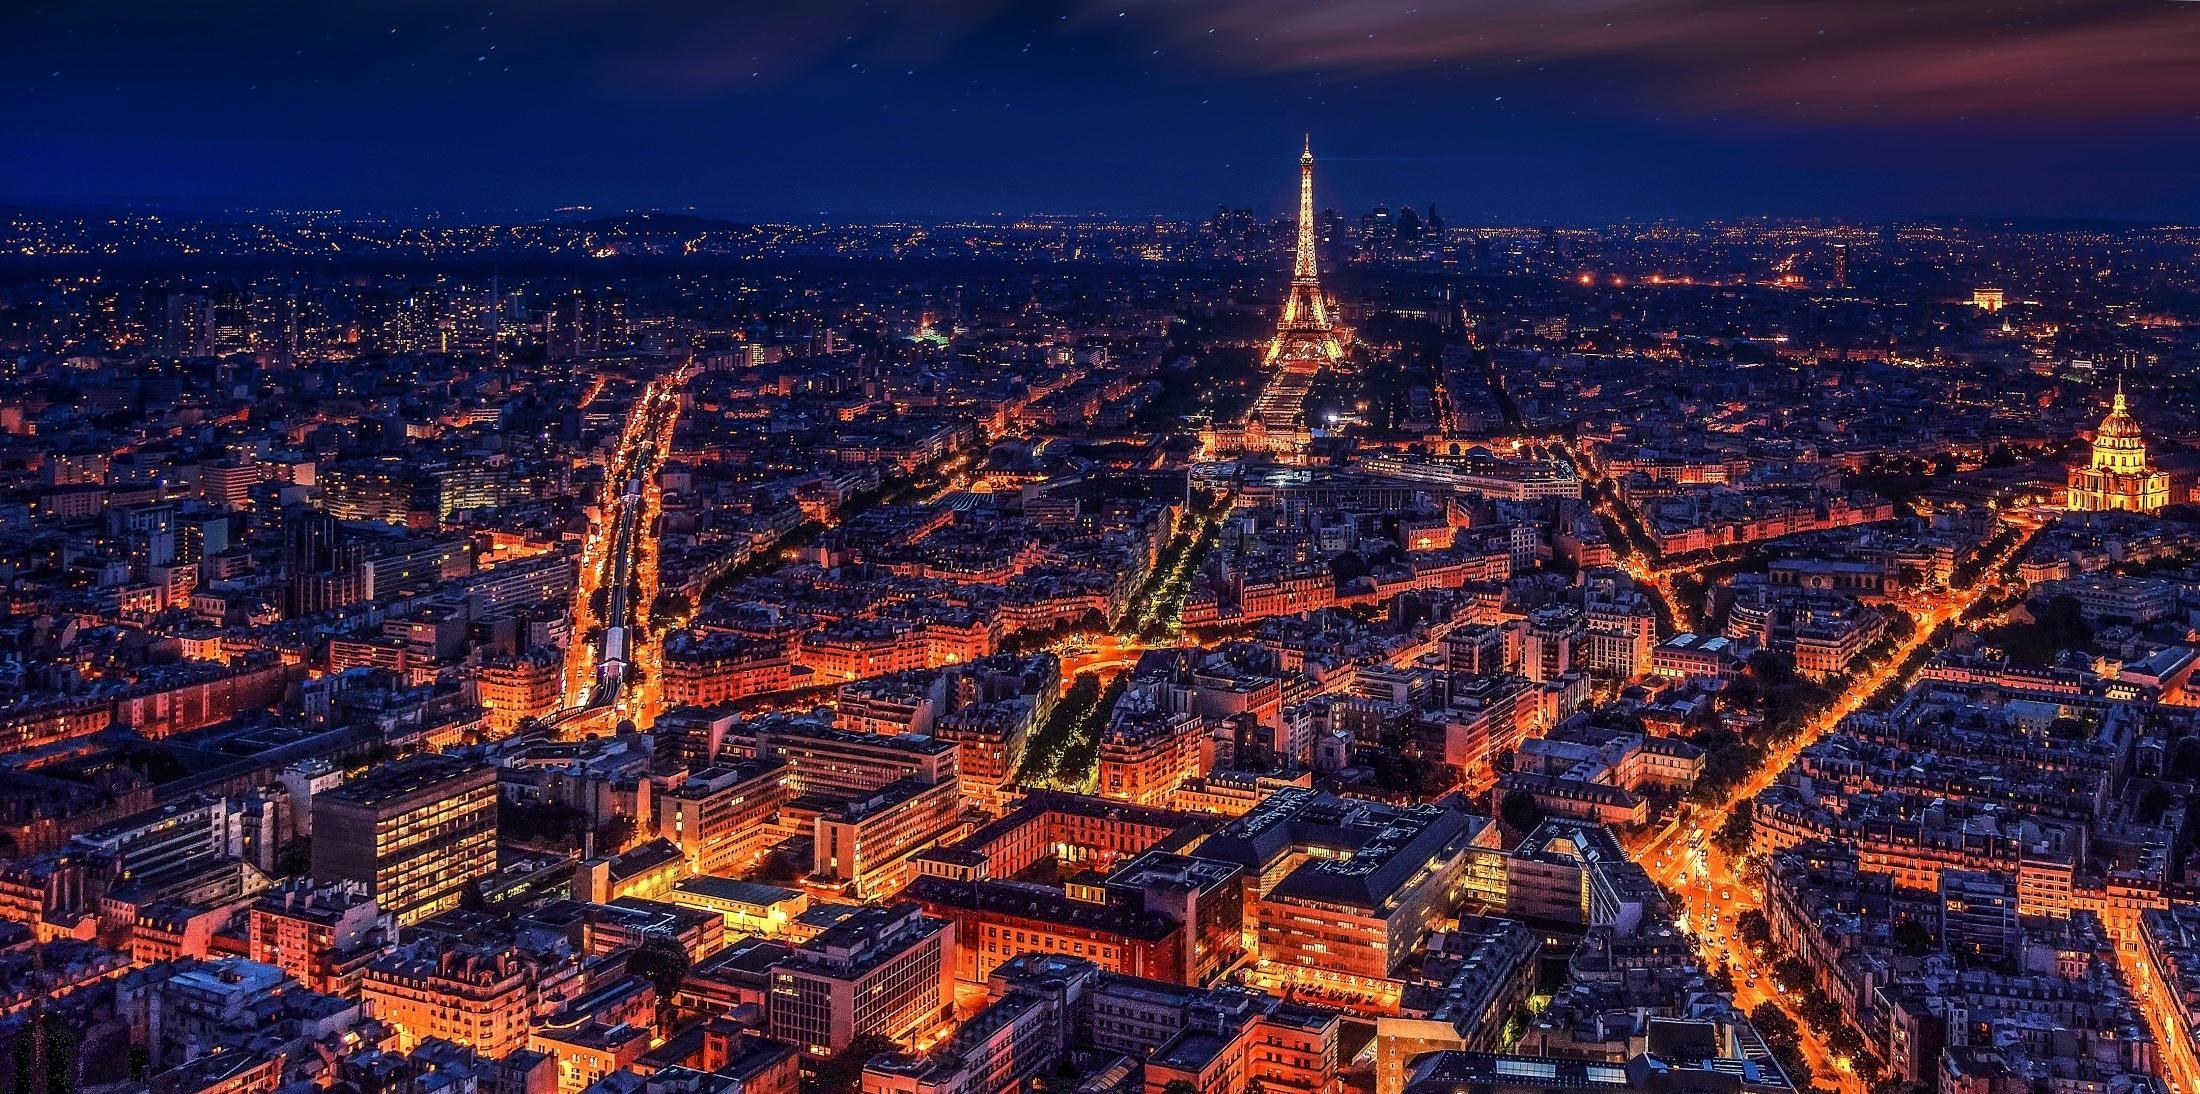 [Image: 471.paris-1836415.jpg]